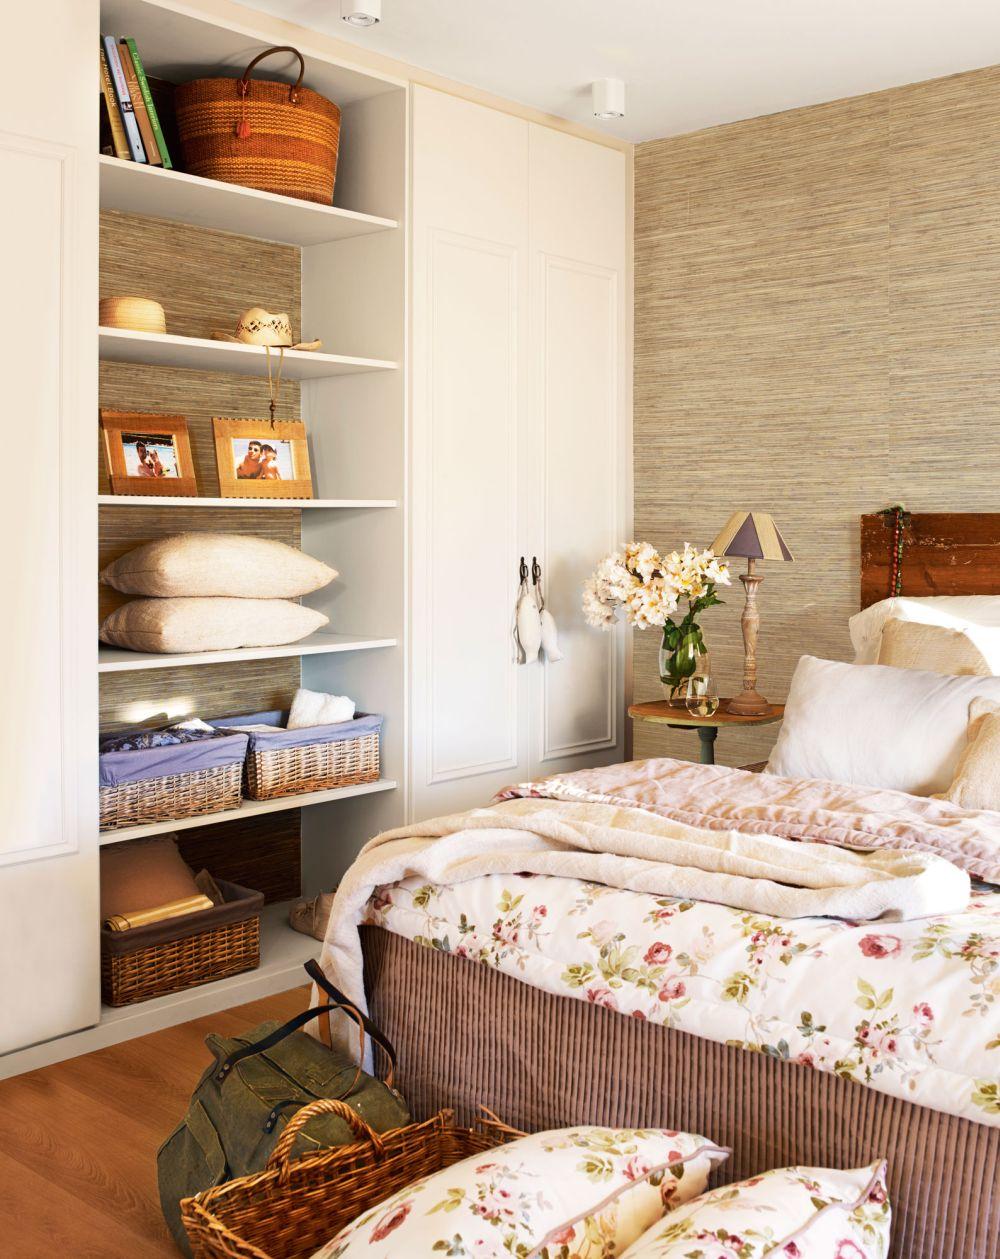 adelaparvu.com despre apartament in stil marin, design interior MM Estudi si Gemma Mateos, Foto ElMueble (15)